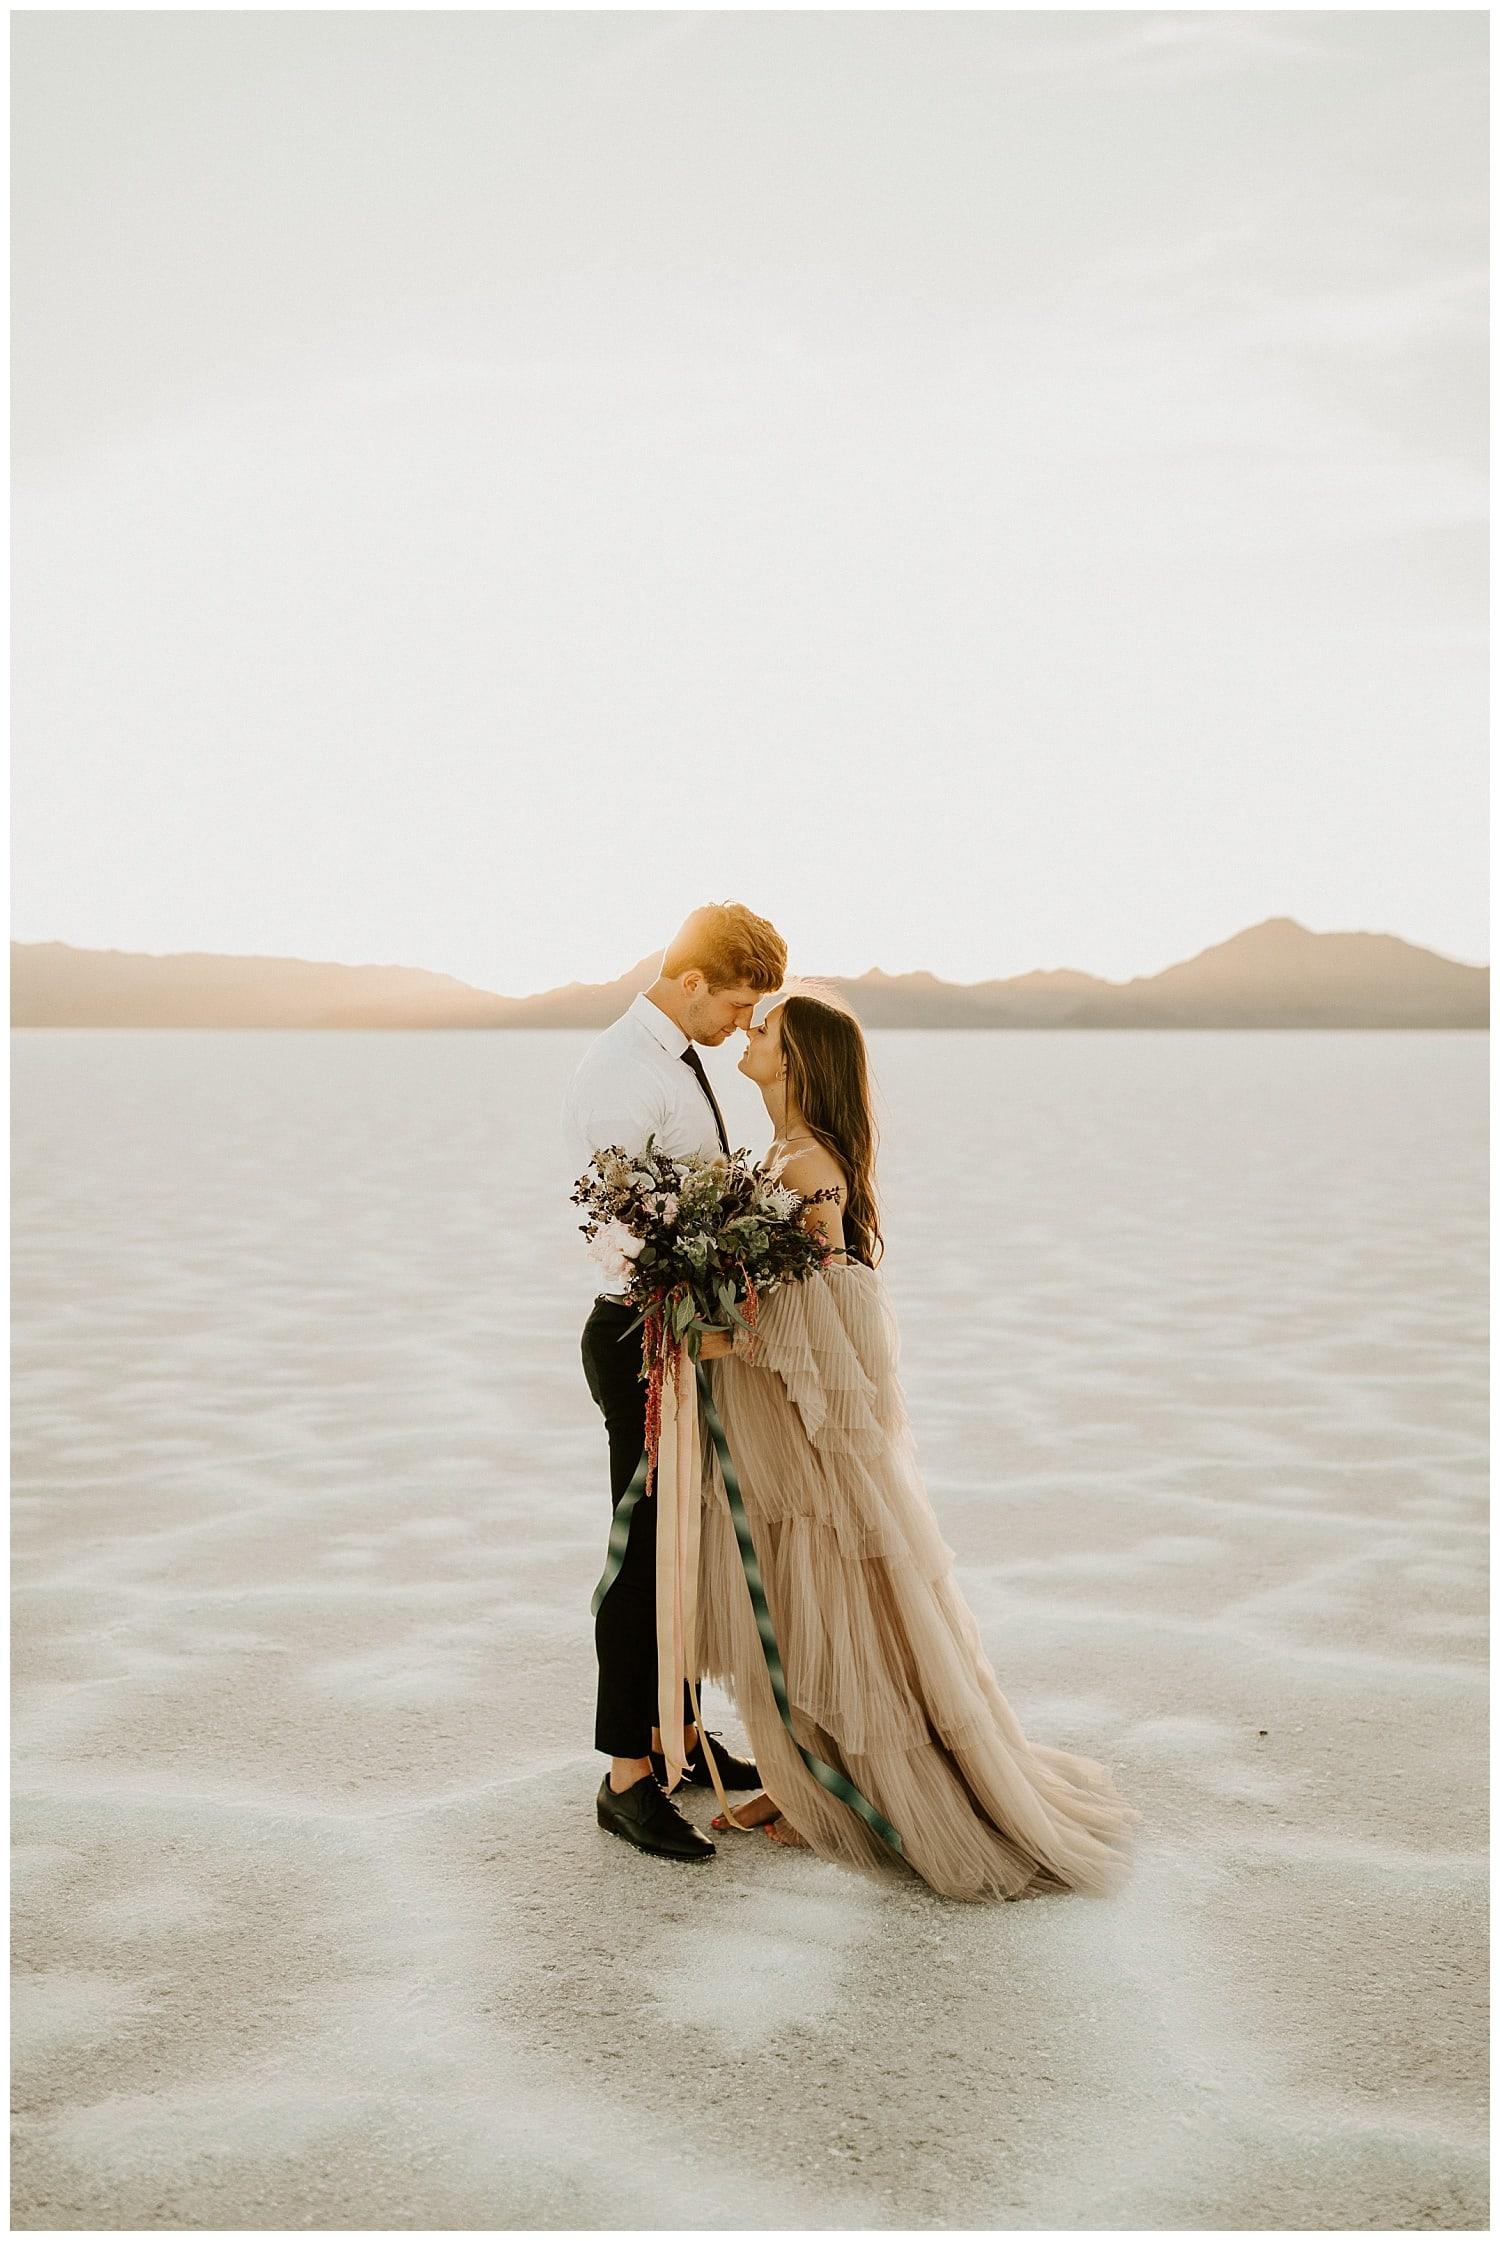 bonneville salt flats elopement, salt flats photography, wedding photographers in utah, salt flats sunset